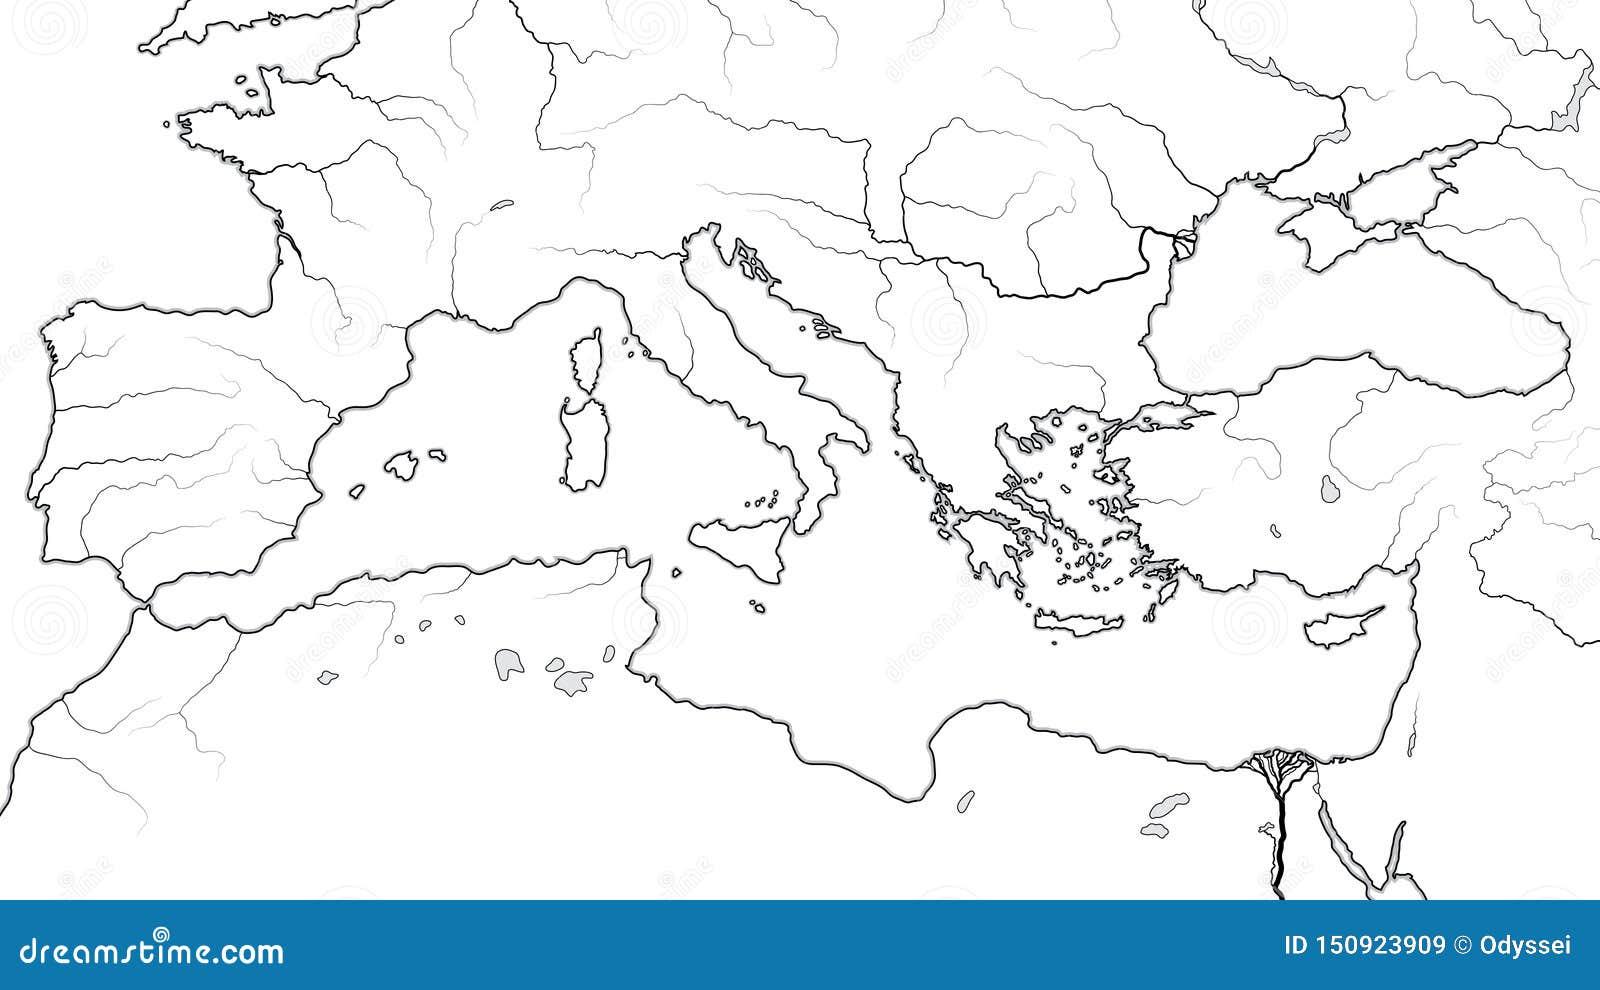 Παγκόσμιος χάρτης της ΠΕΡΙΟΧΗΣ ΤΗΣ ΜΕΣΟΓΕΊΟΥ: Νότια Ευρώπη, Μέση Ανατολή, Βόρεια Αφρική ( Γεωγραφικό chart)